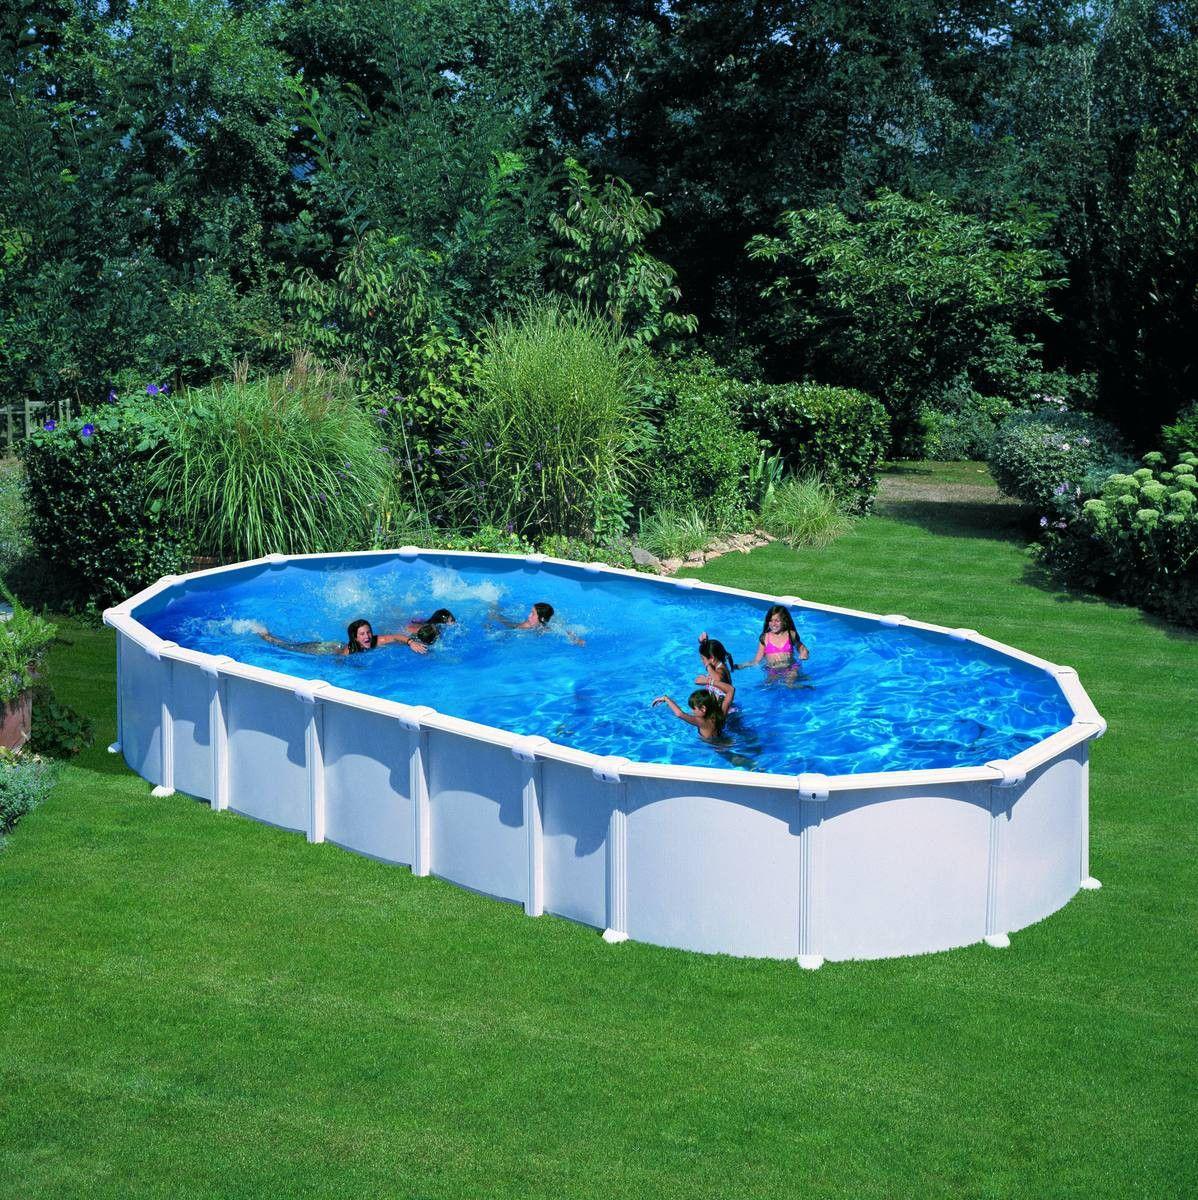 Piscine Gre D1000X550 H132 Hors Sol Acier Dream Pool Ovale ... dedans Piscine Hors Sol Cdiscount